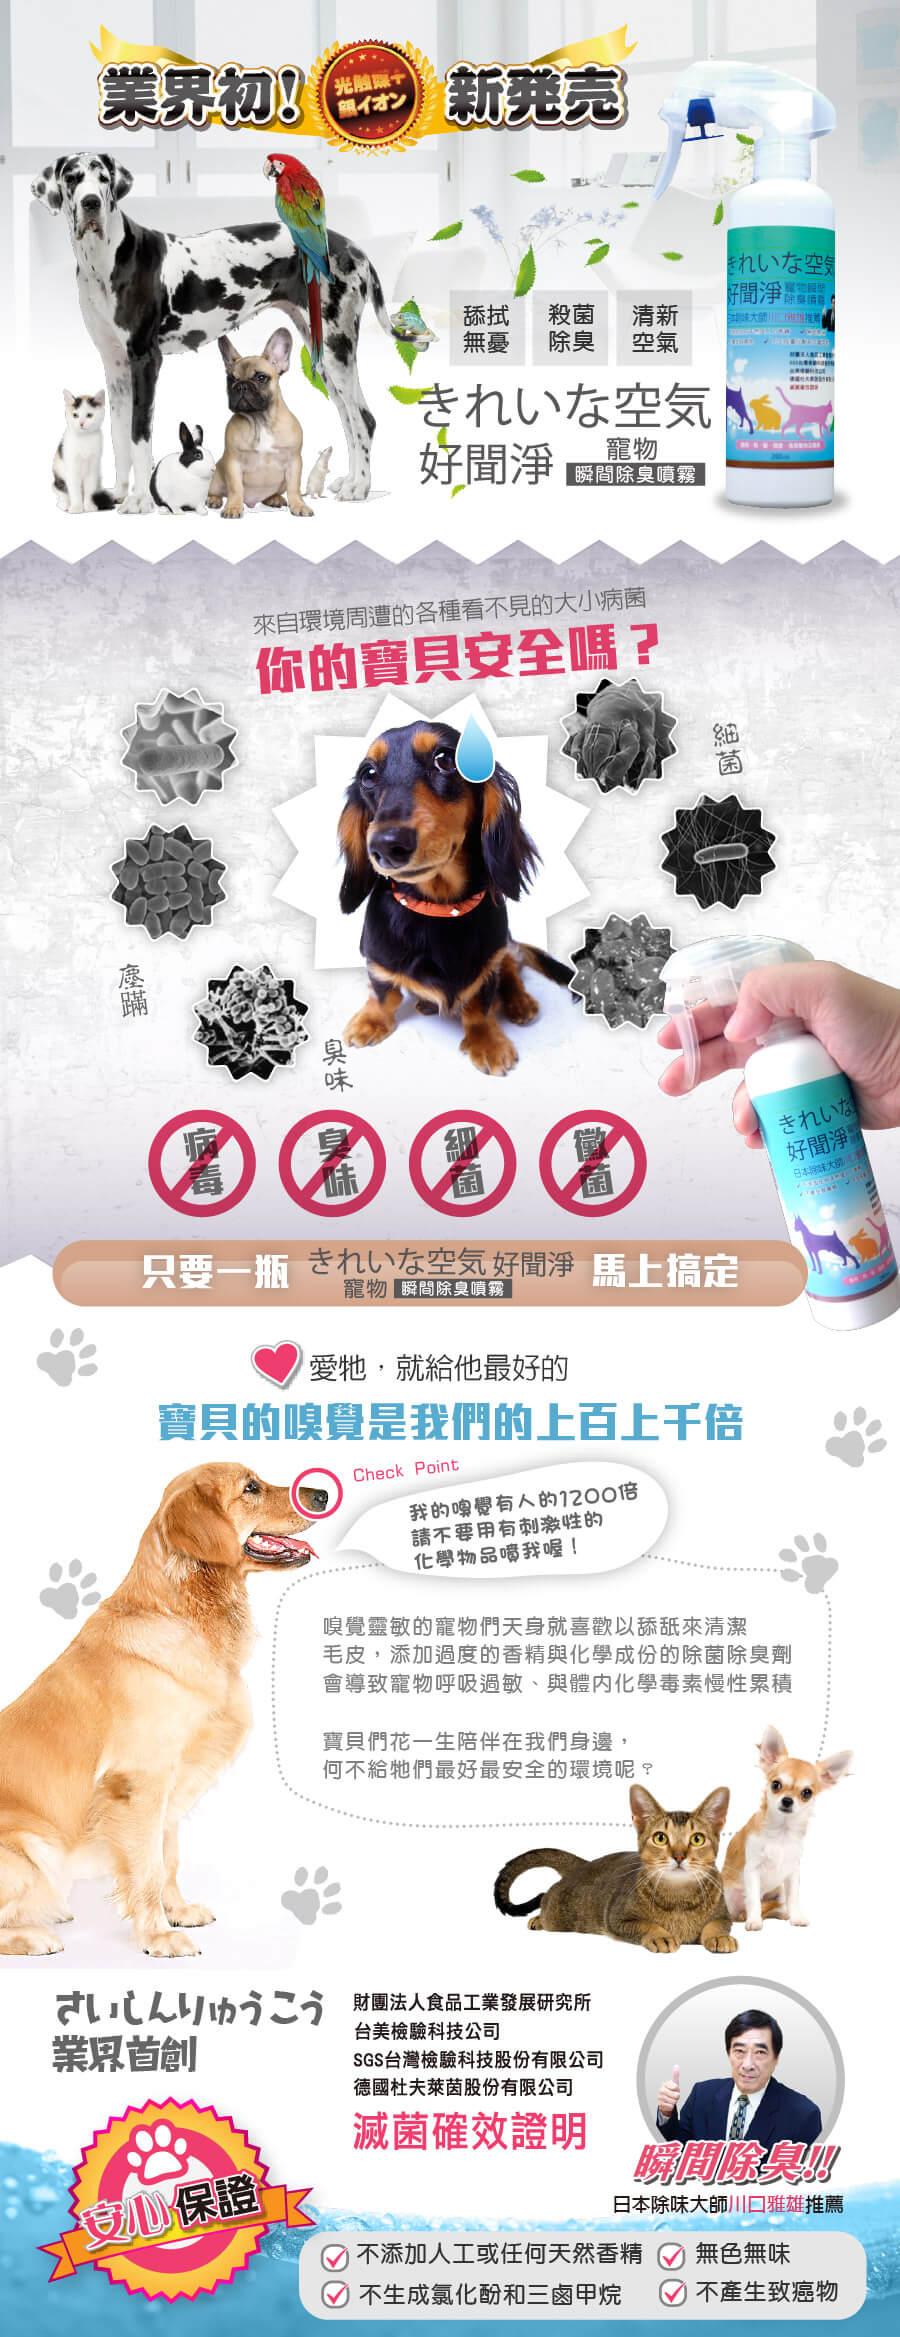 寵物瞬間除臭噴劑-產品說明-01